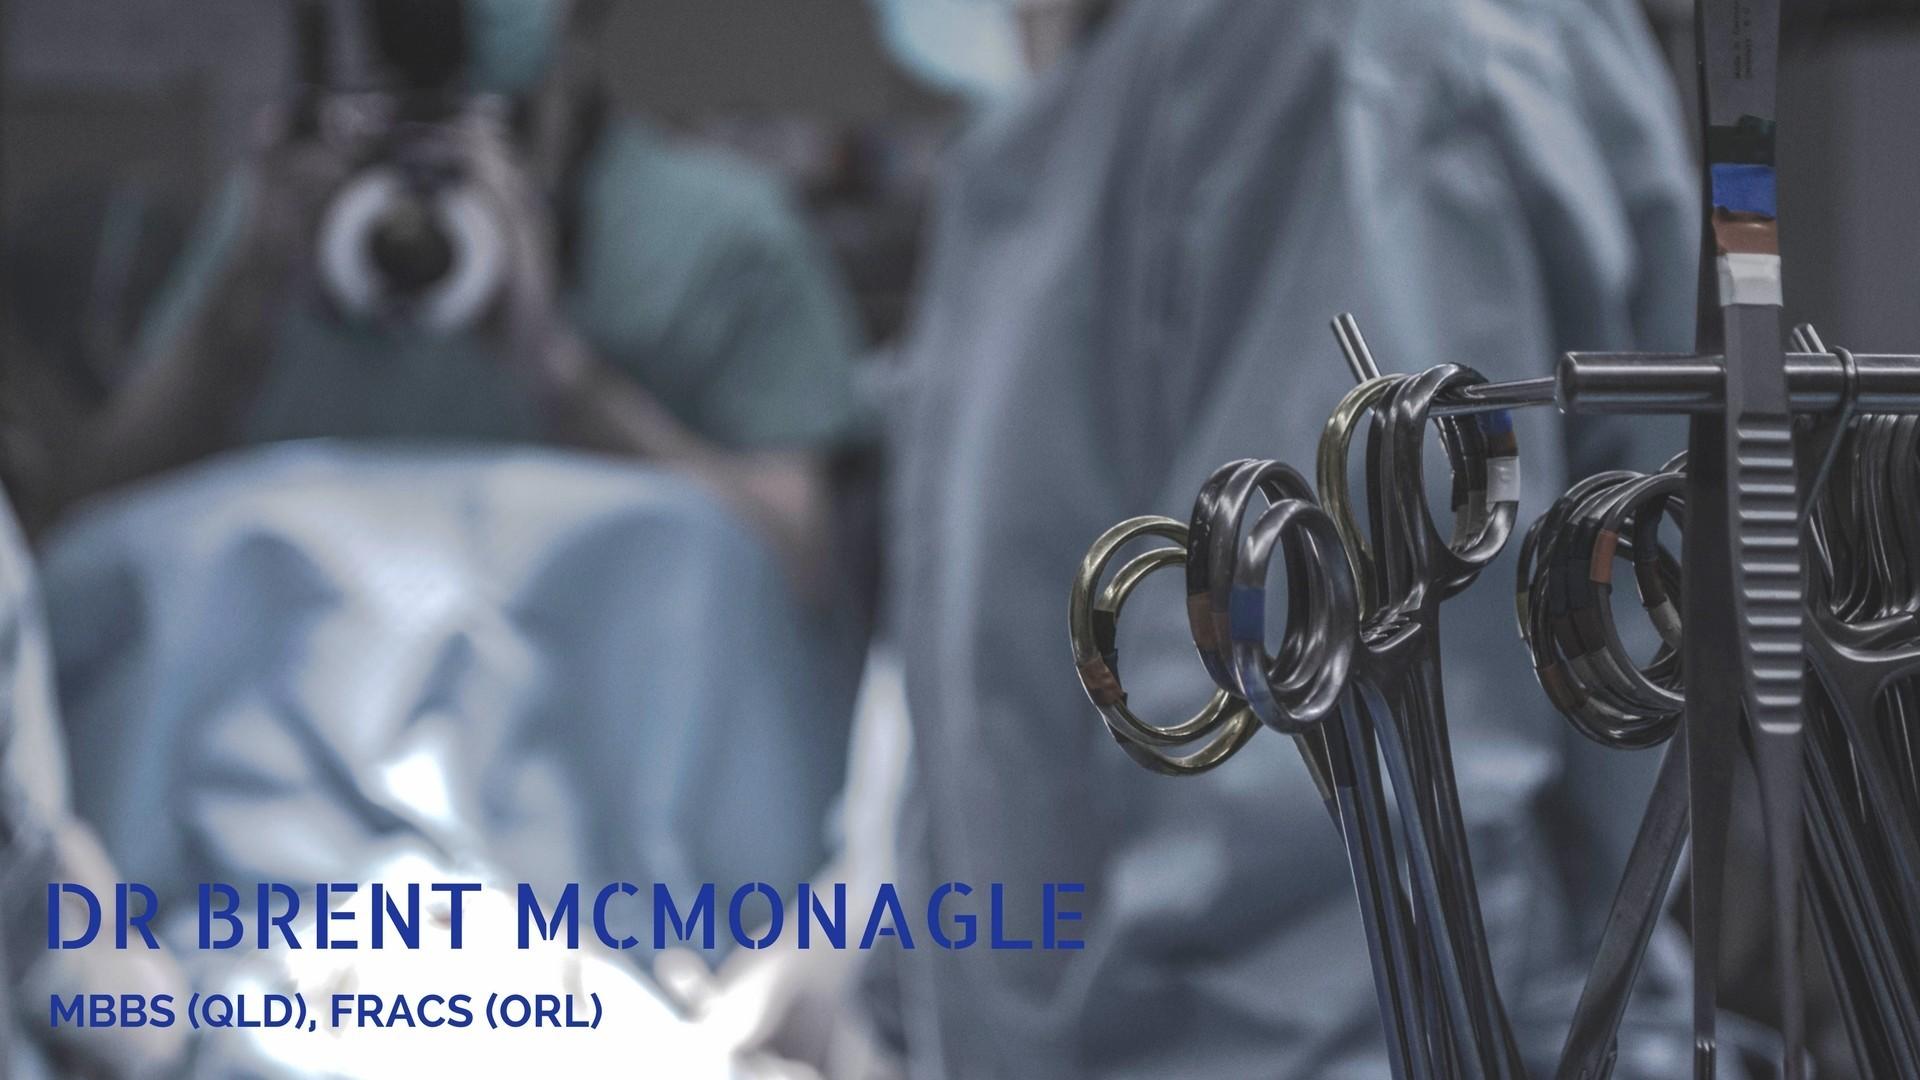 Dr Brent McMonagle